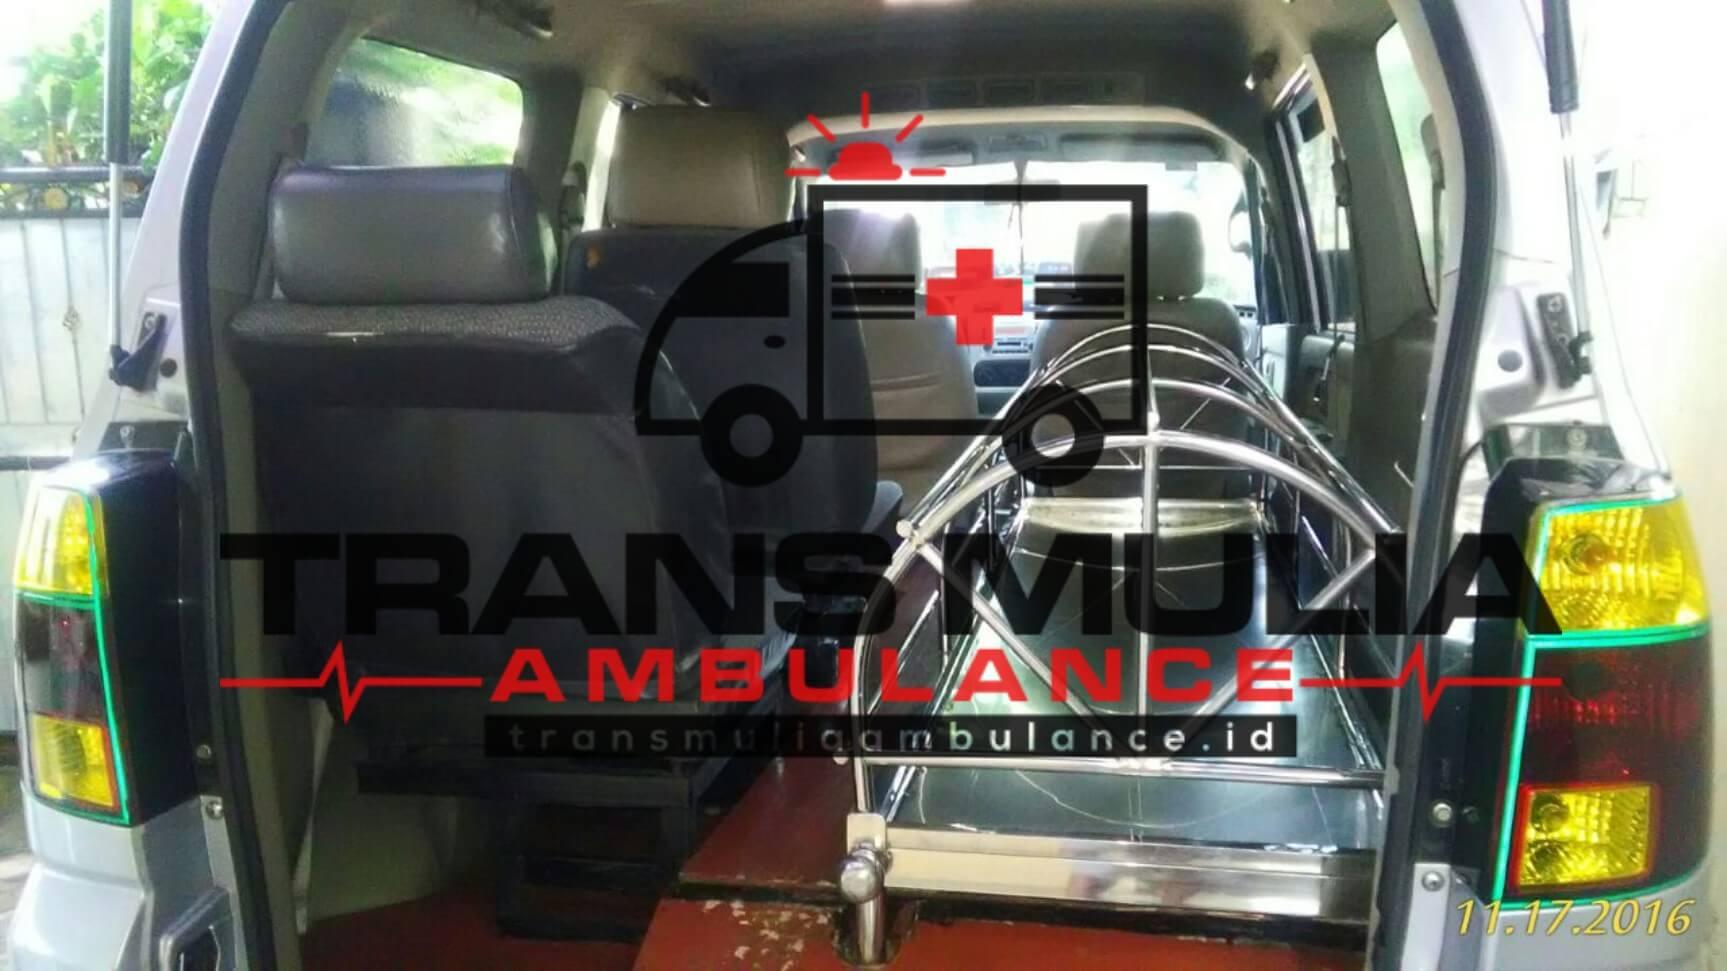 Rental Ambulance Jenazah